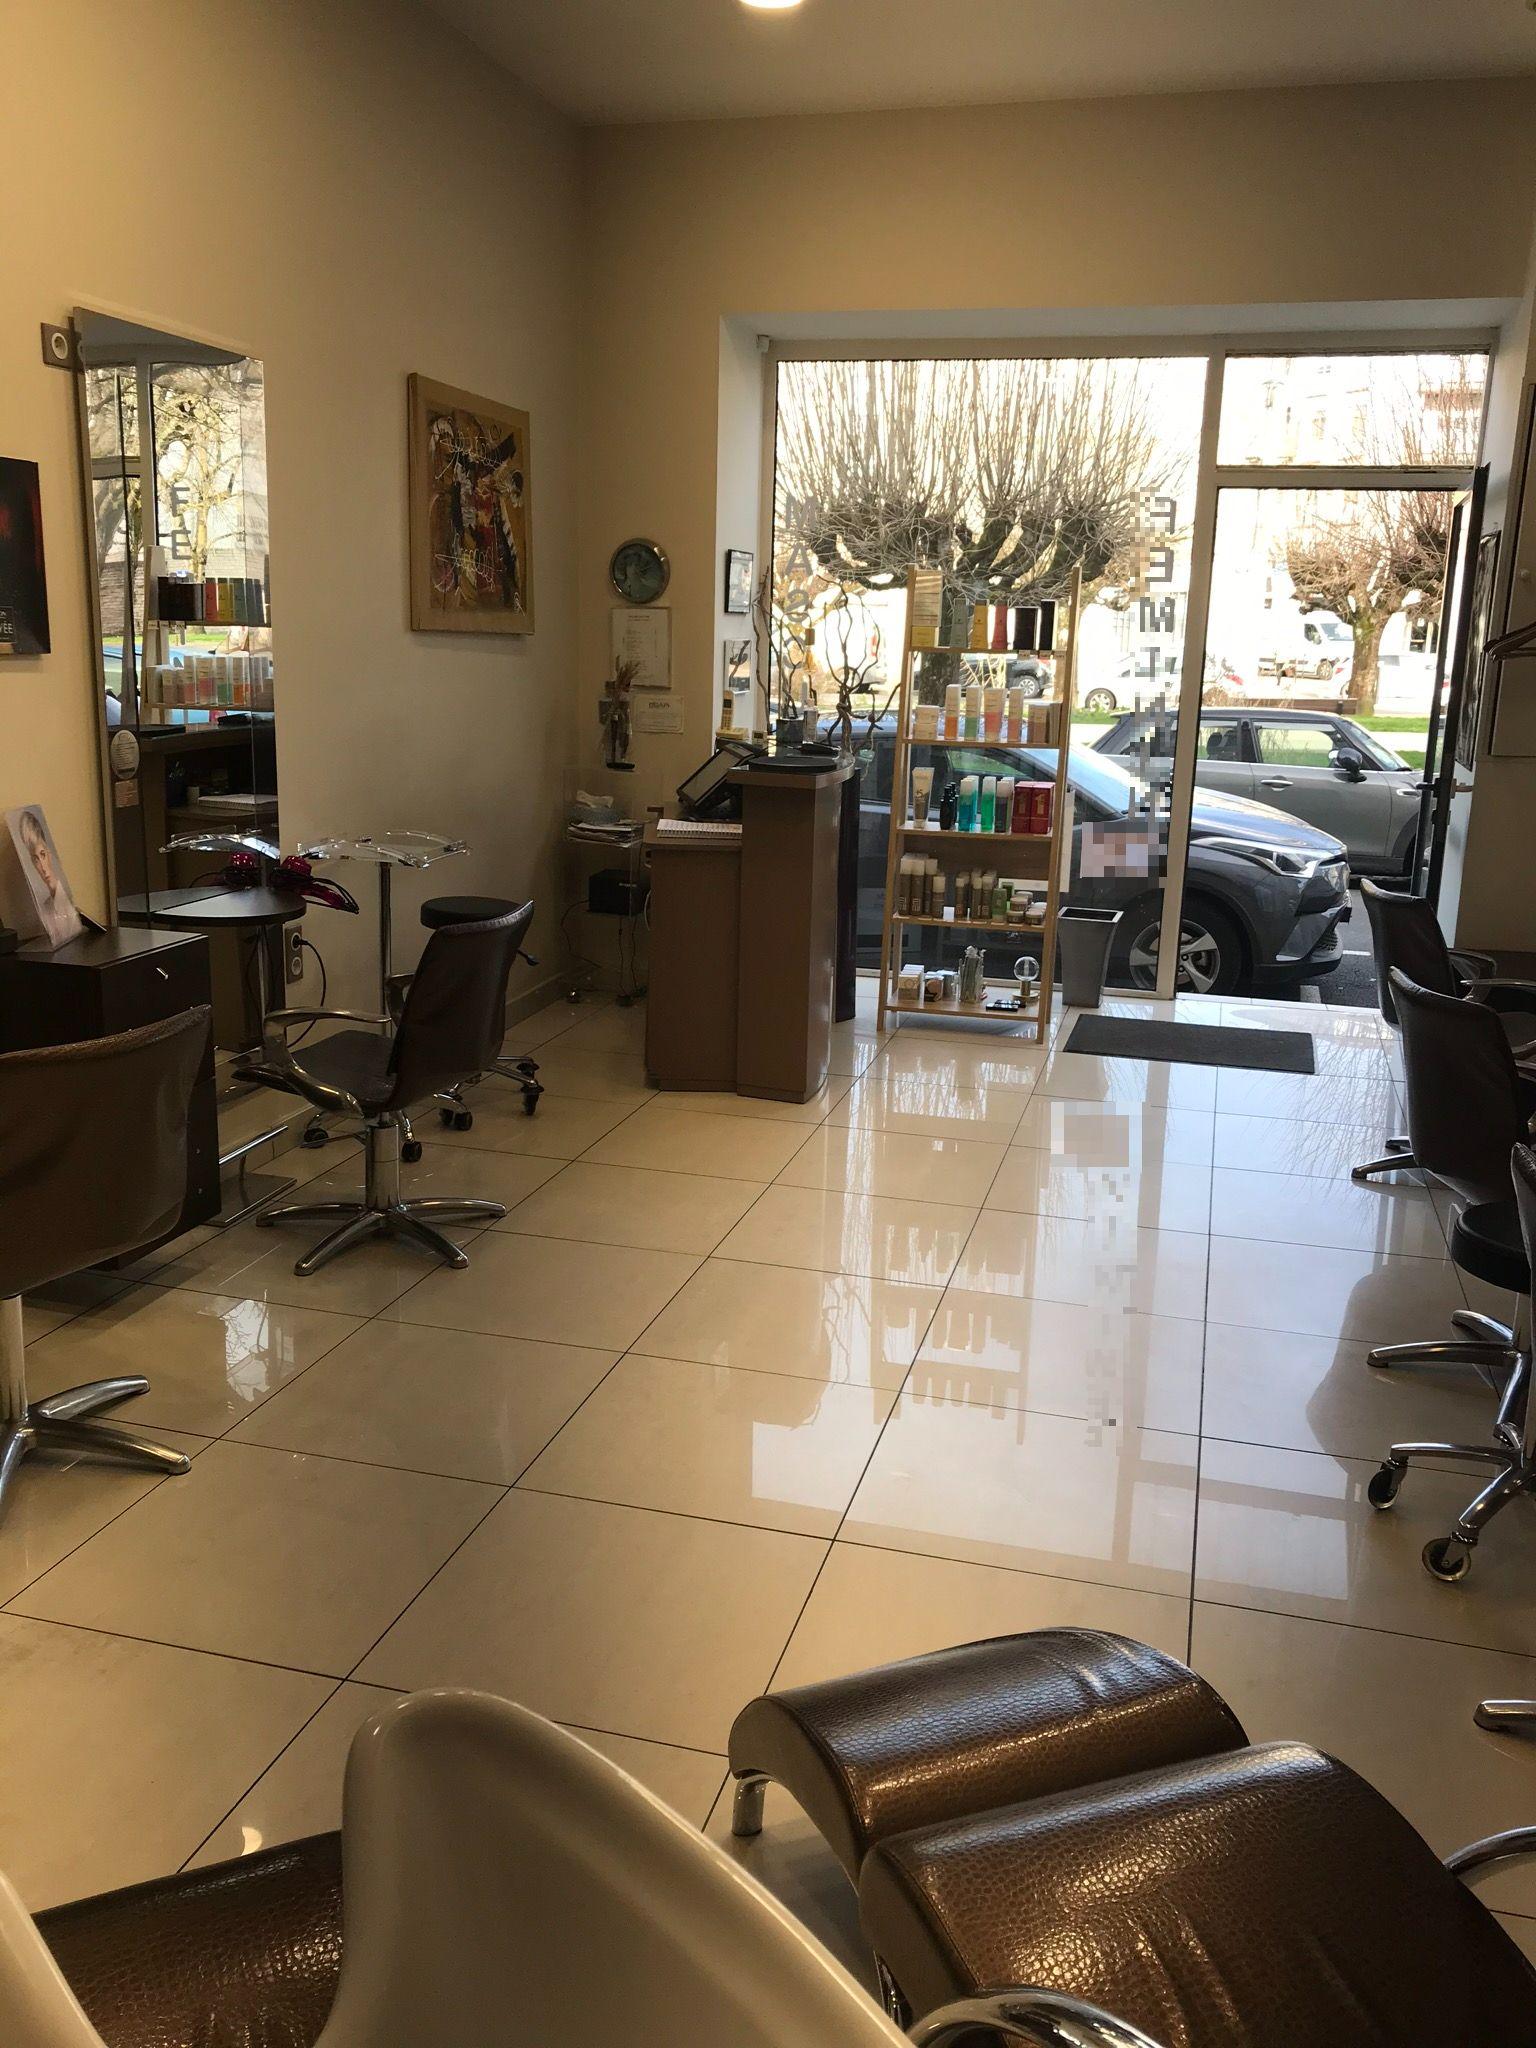 Vente Salon de coiffure femmes / hommes à Périgueux dans le centre ville (24000)